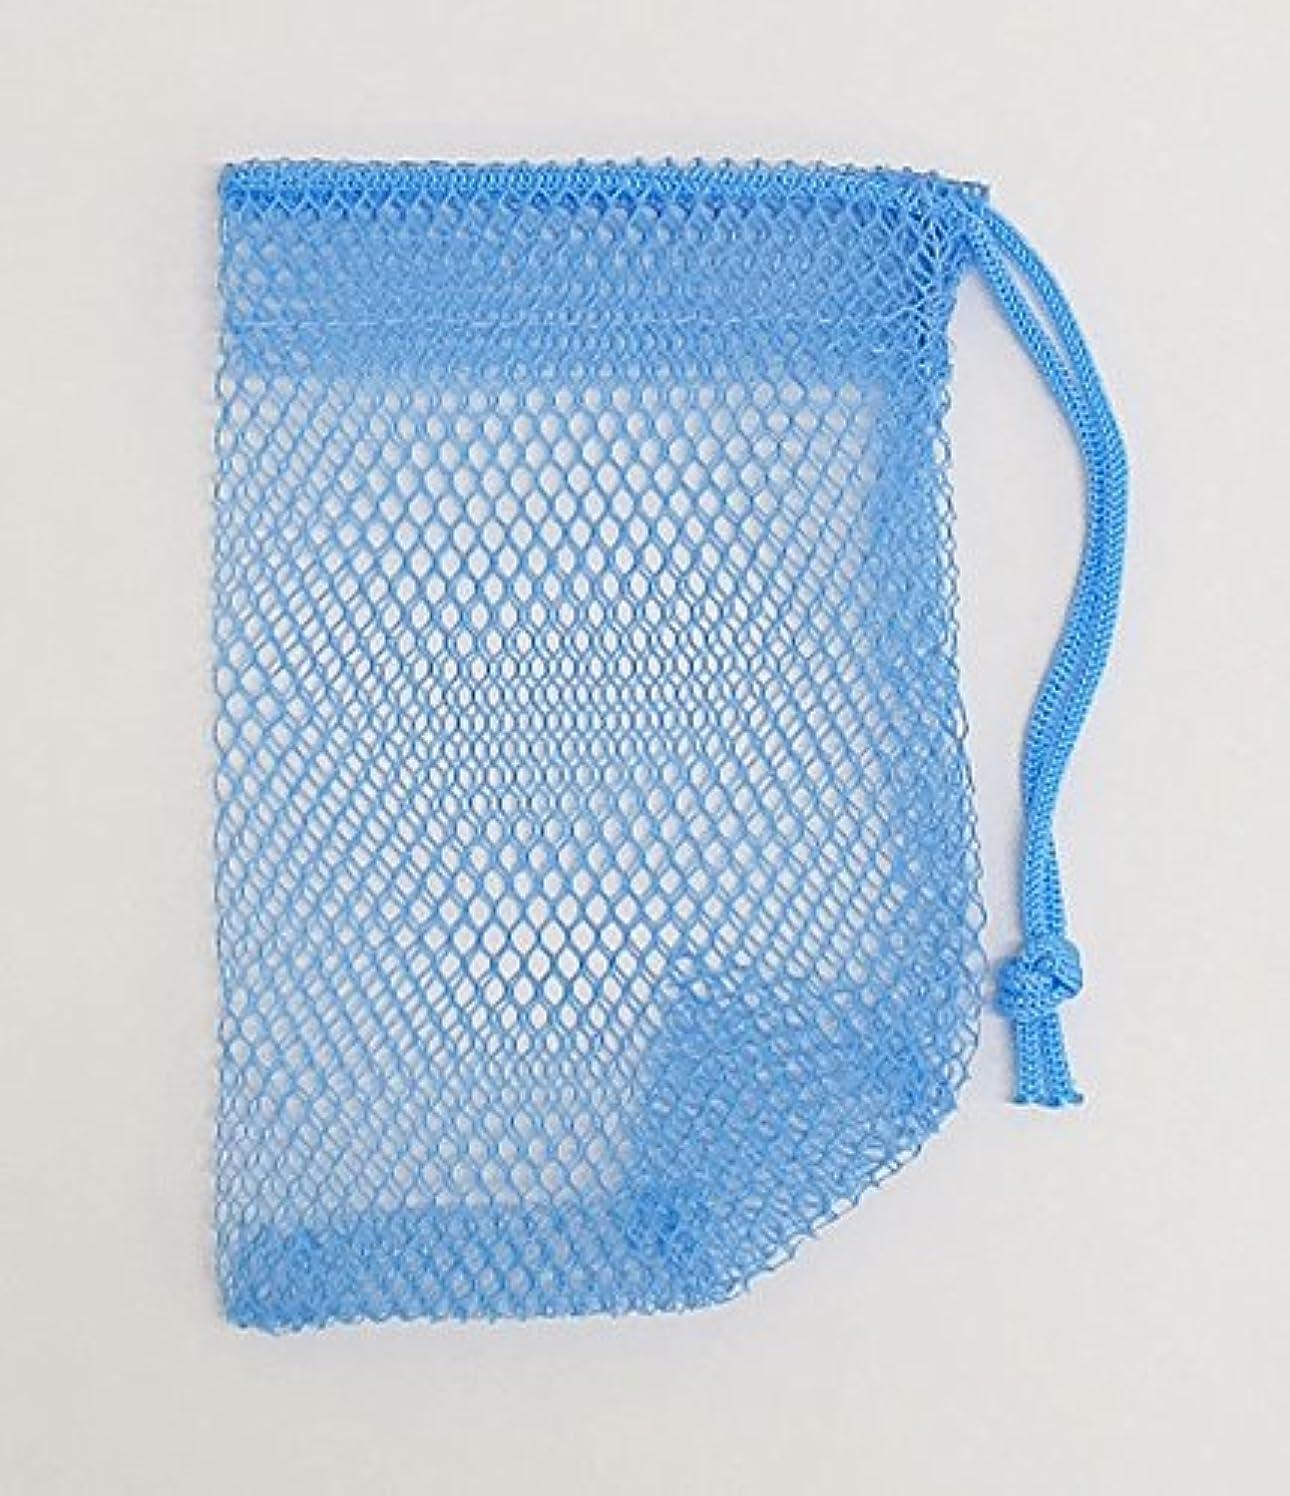 ハンディキャップレンディション傾向石けんネット ひもタイプ 20枚組 ブルー